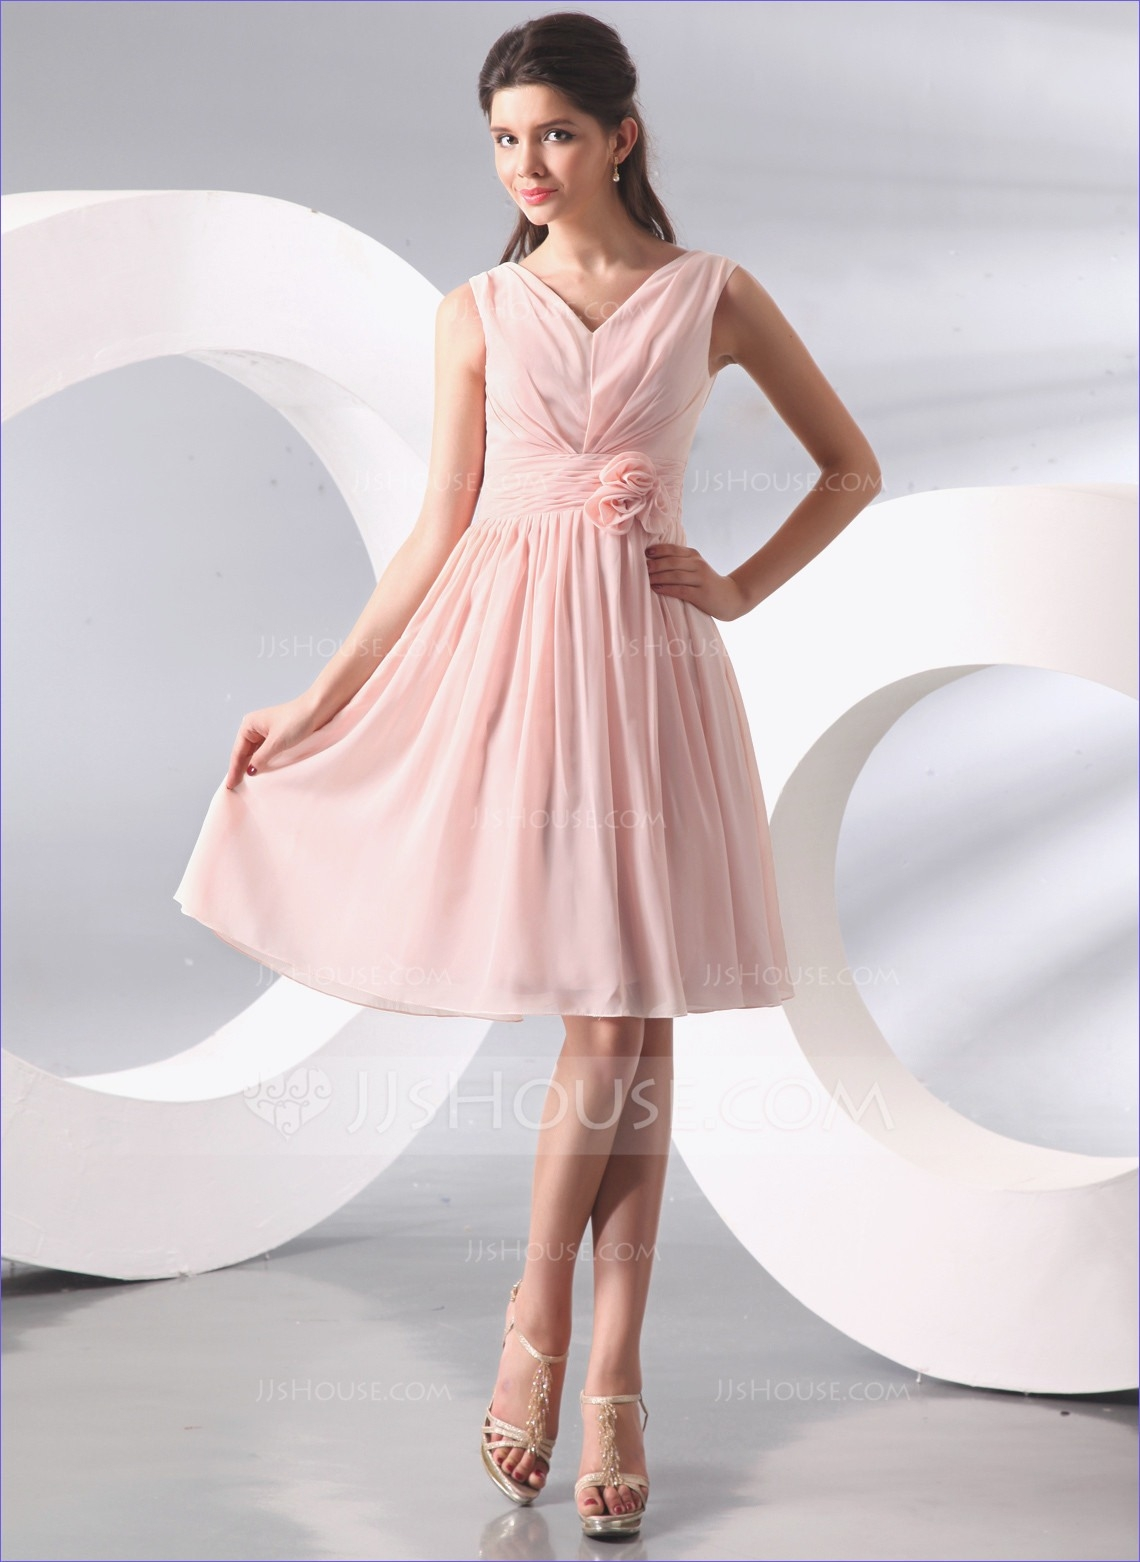 10 Spektakulär Knielange Abendkleider Ärmel Einfach Knielange Abendkleider Stylish